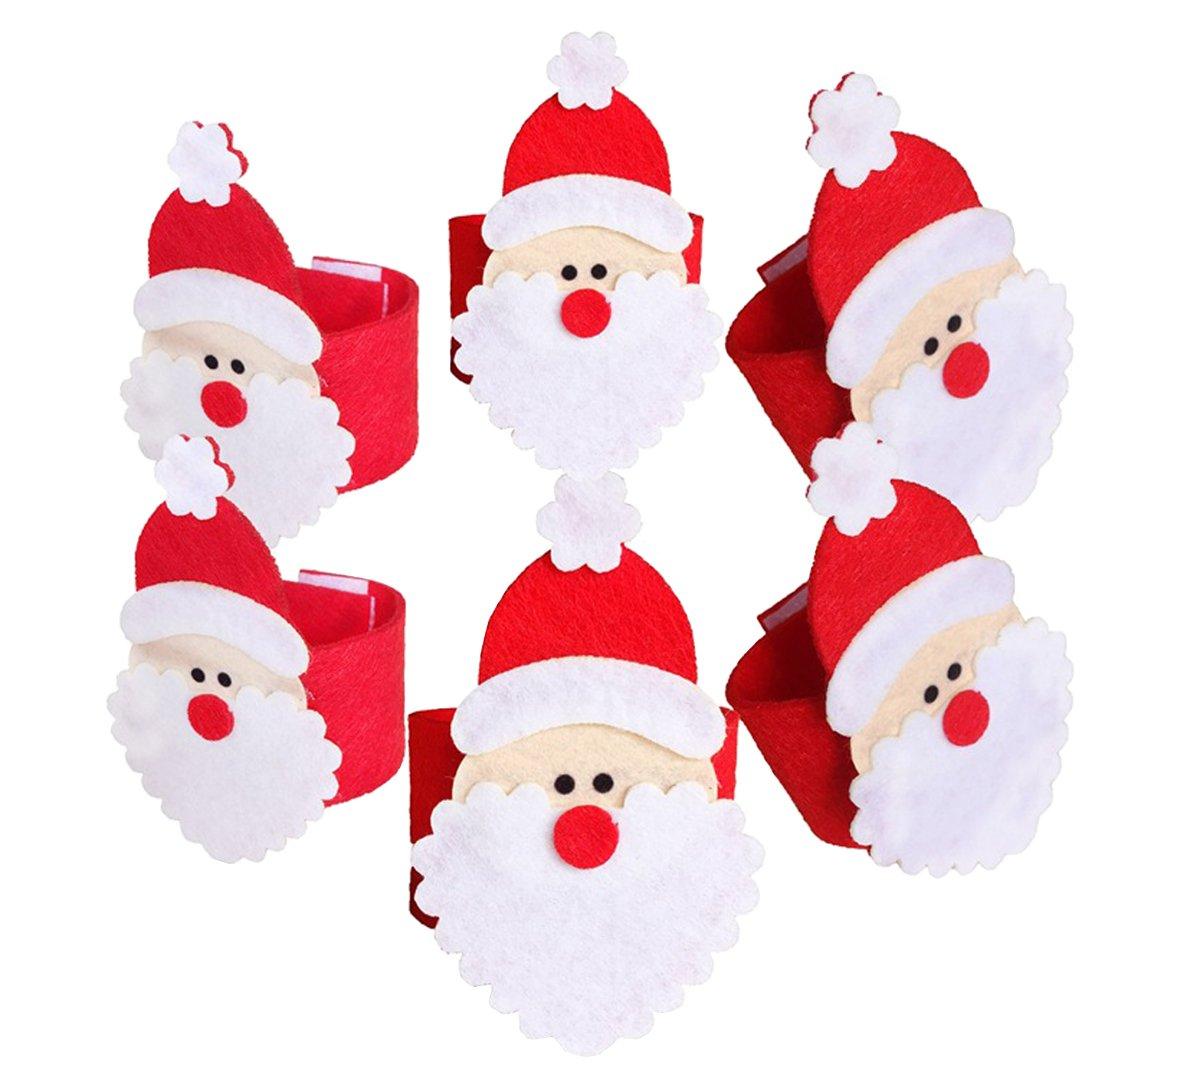 DELEY 6 pz Natale Portatovaglioli Babbo Natale Tovagliolo Anelli Partito Banchetto Cena Decorazioni per la Tavola Stile 1